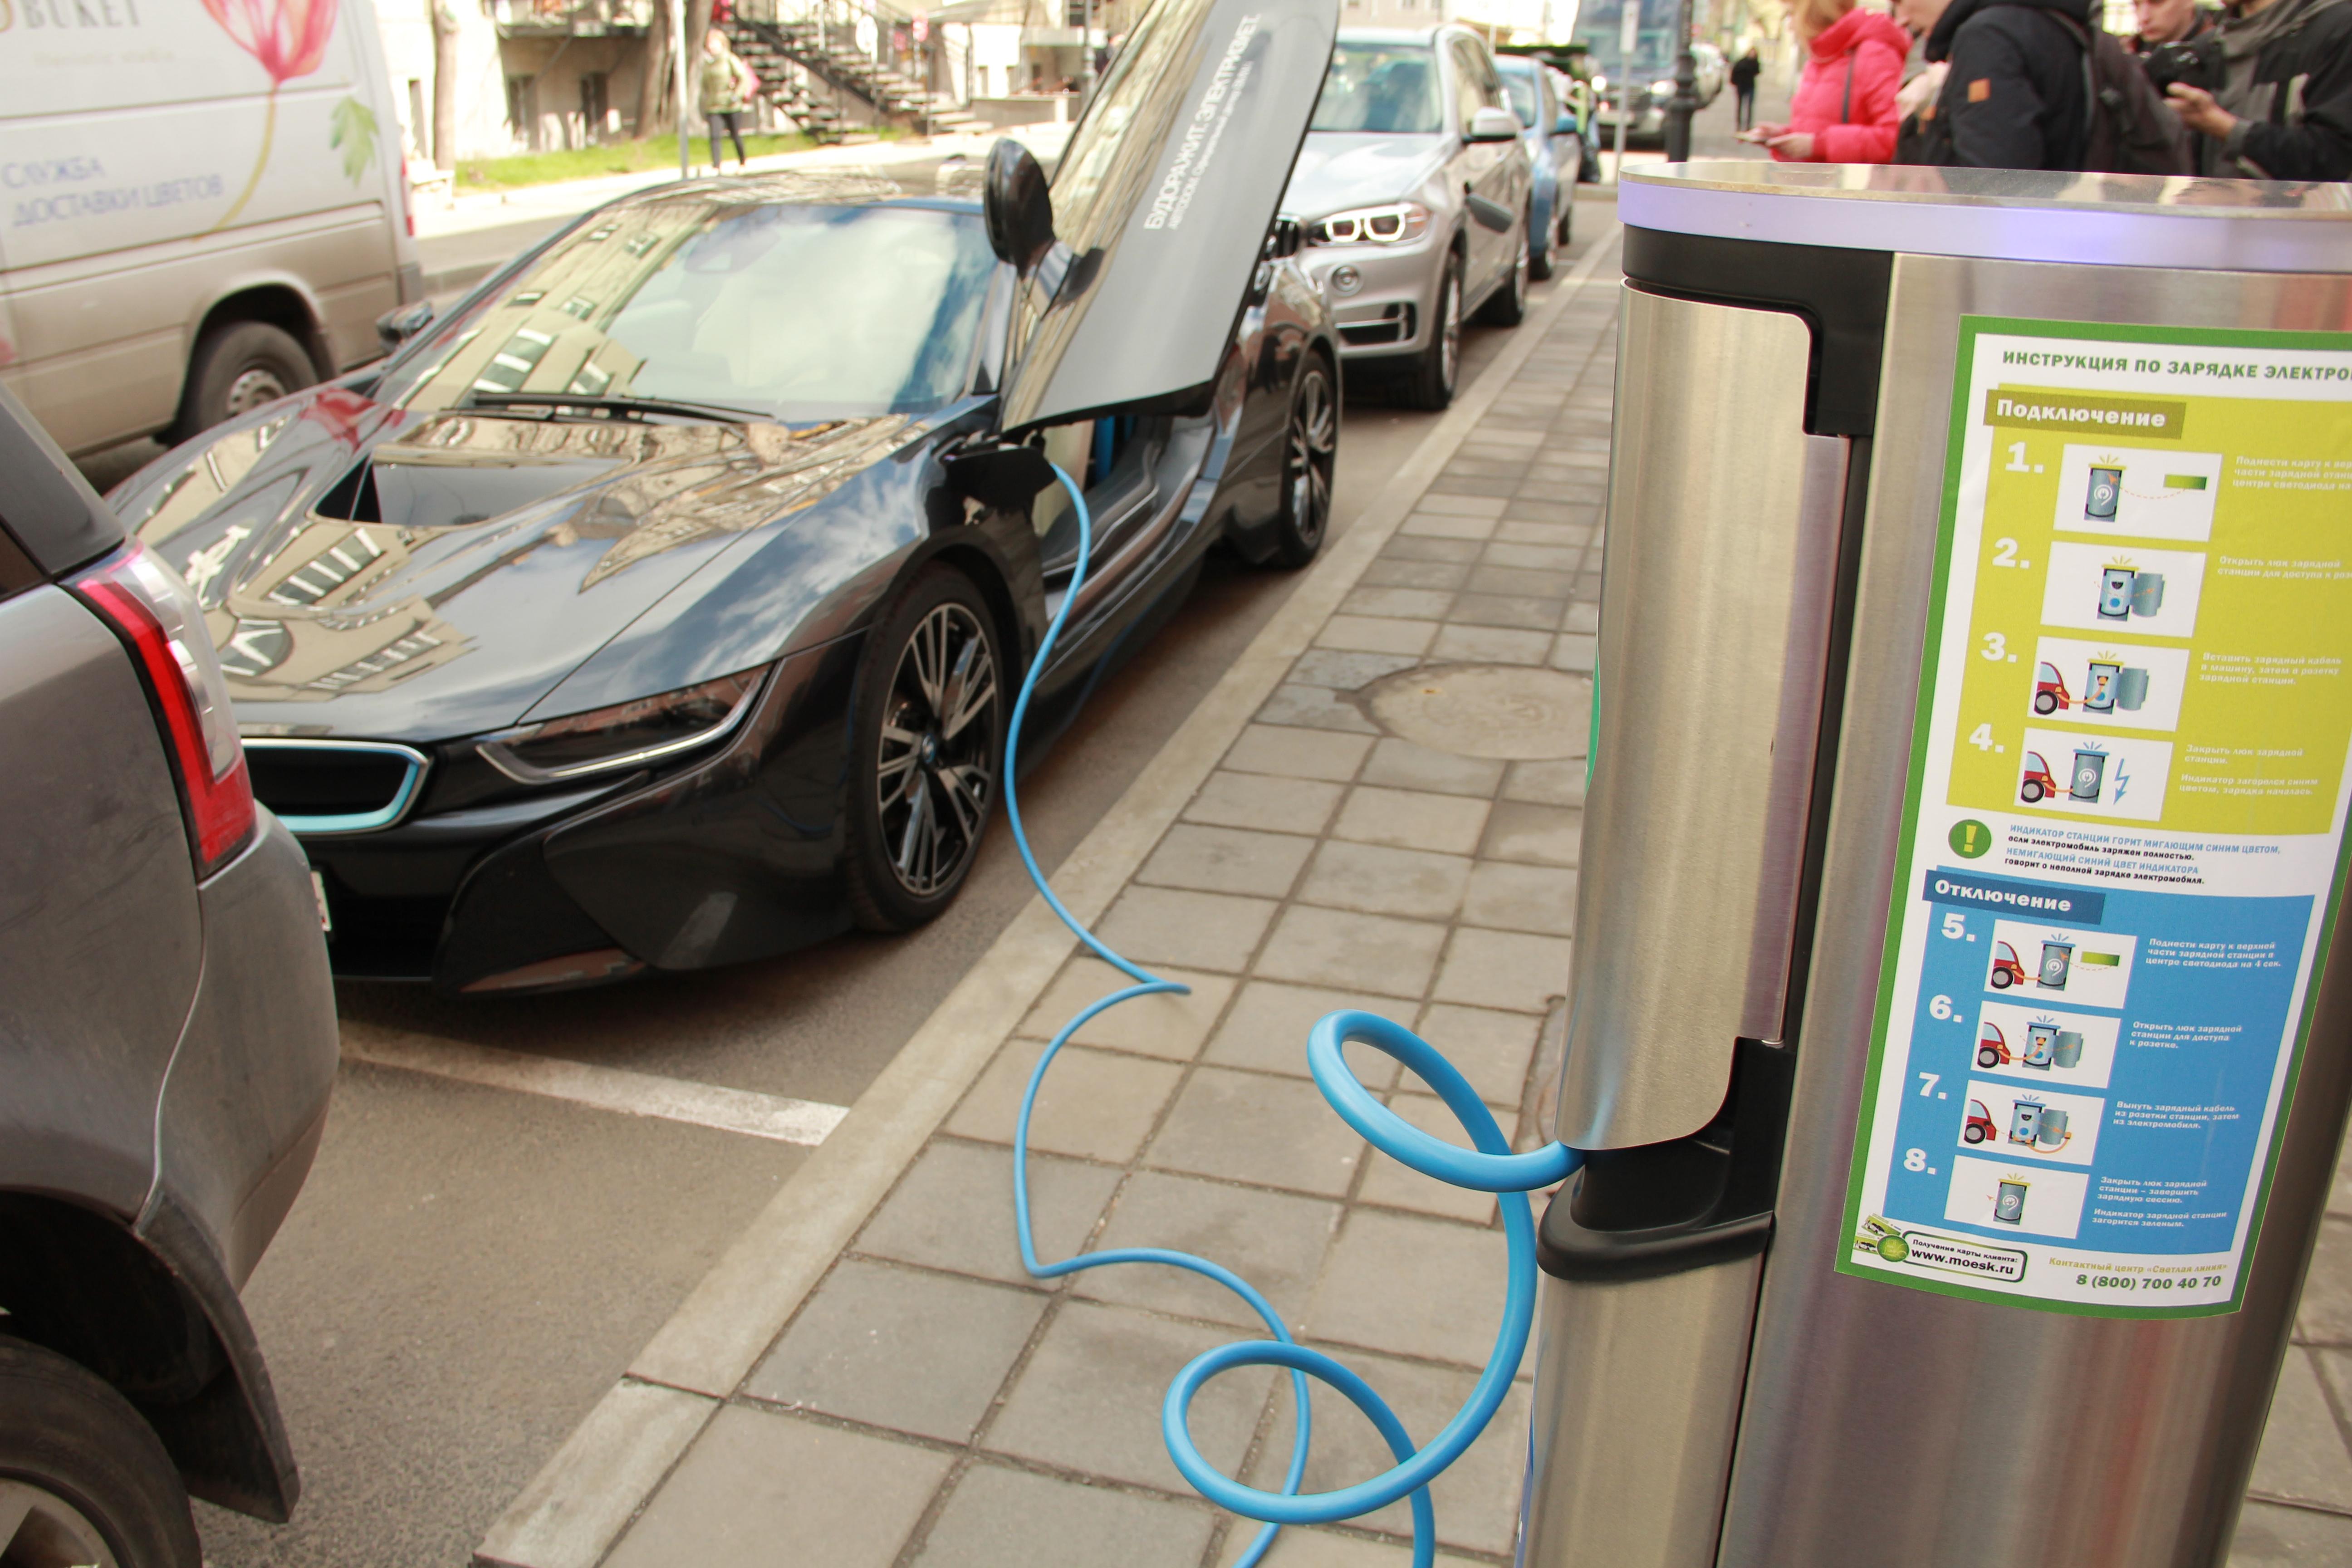 В Мосгордуме обсудят «закрепление» парковок за владельцами электромобилей